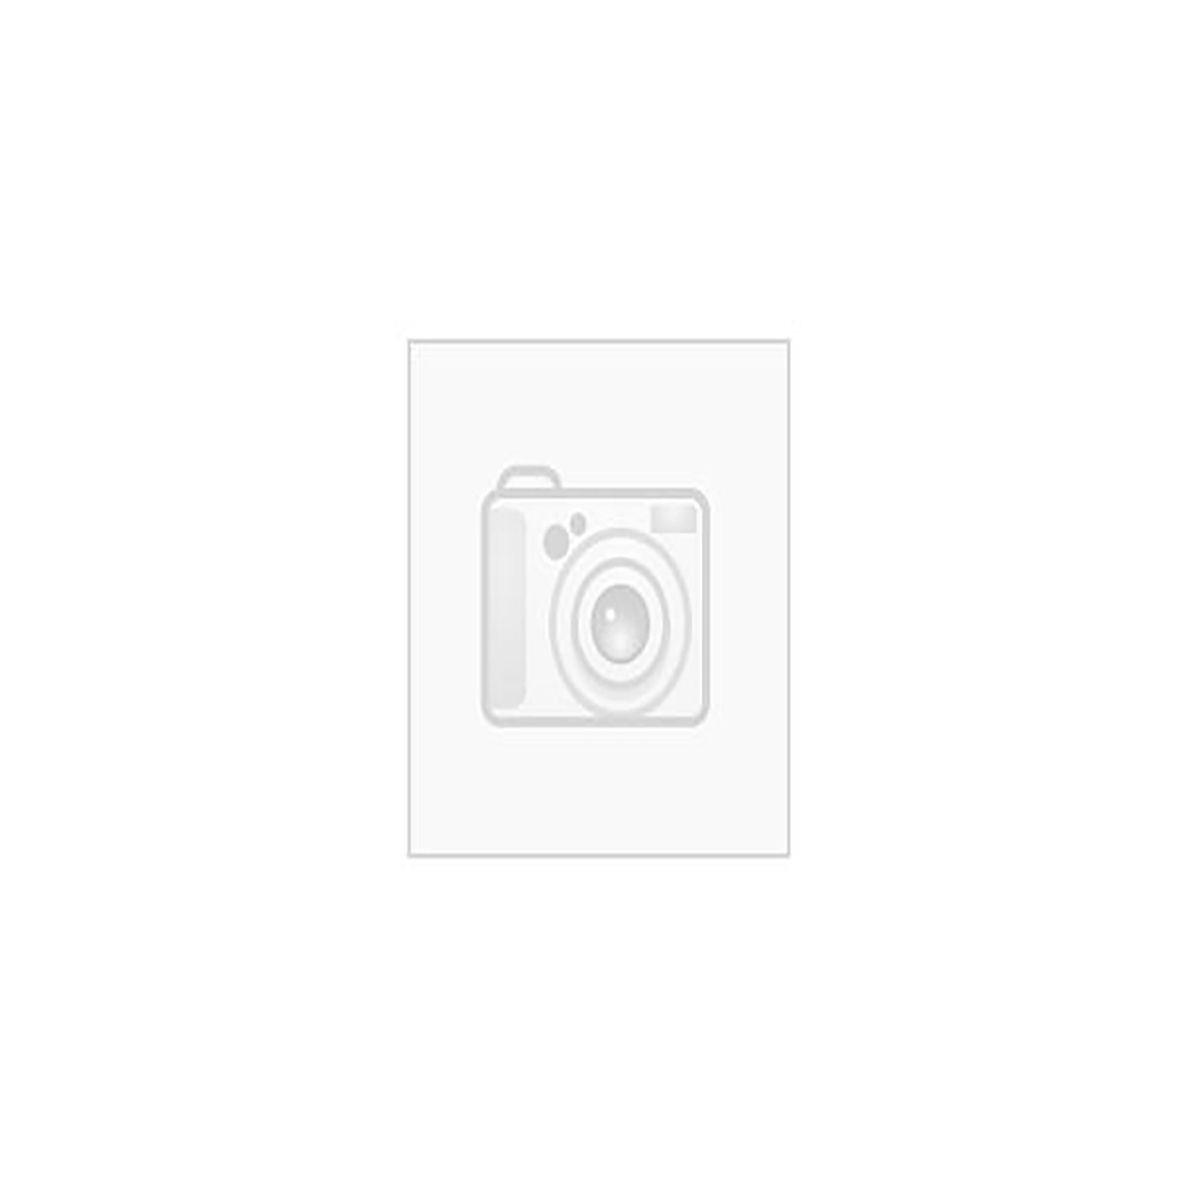 VikingBad - MIE 50SLIM srvSkap S:hvit høyglans/F:hvit høyglans